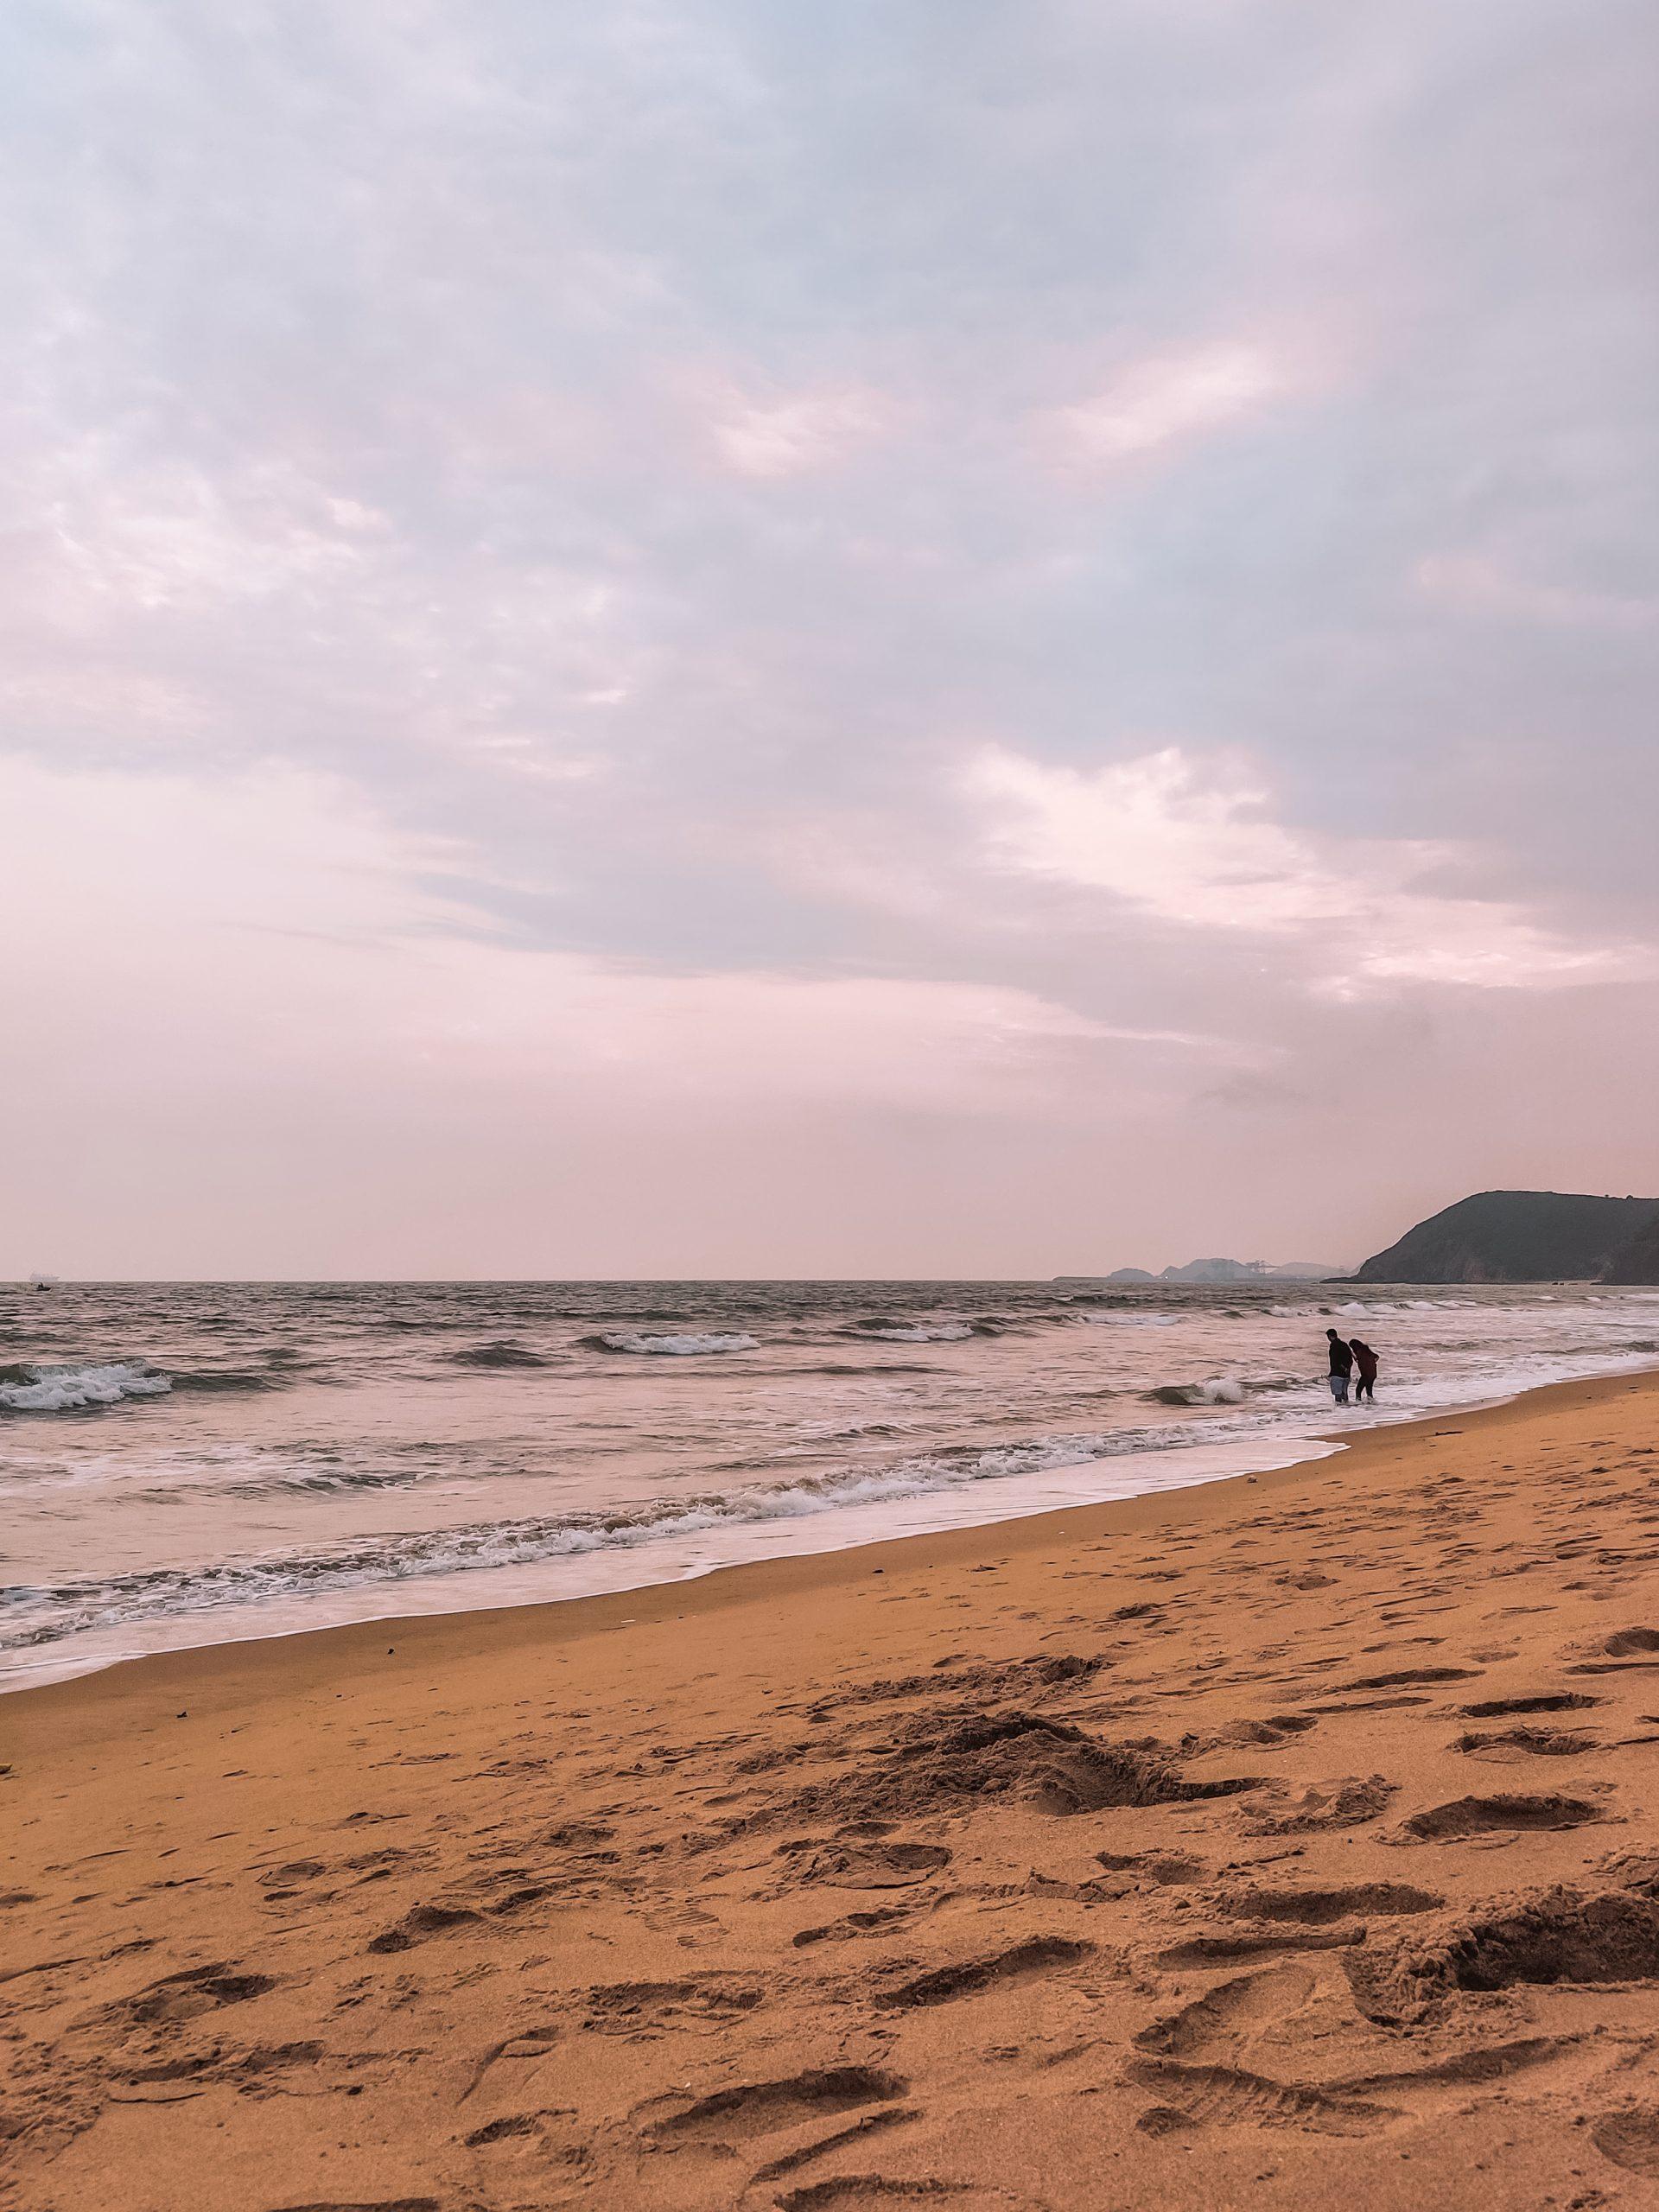 A seashore